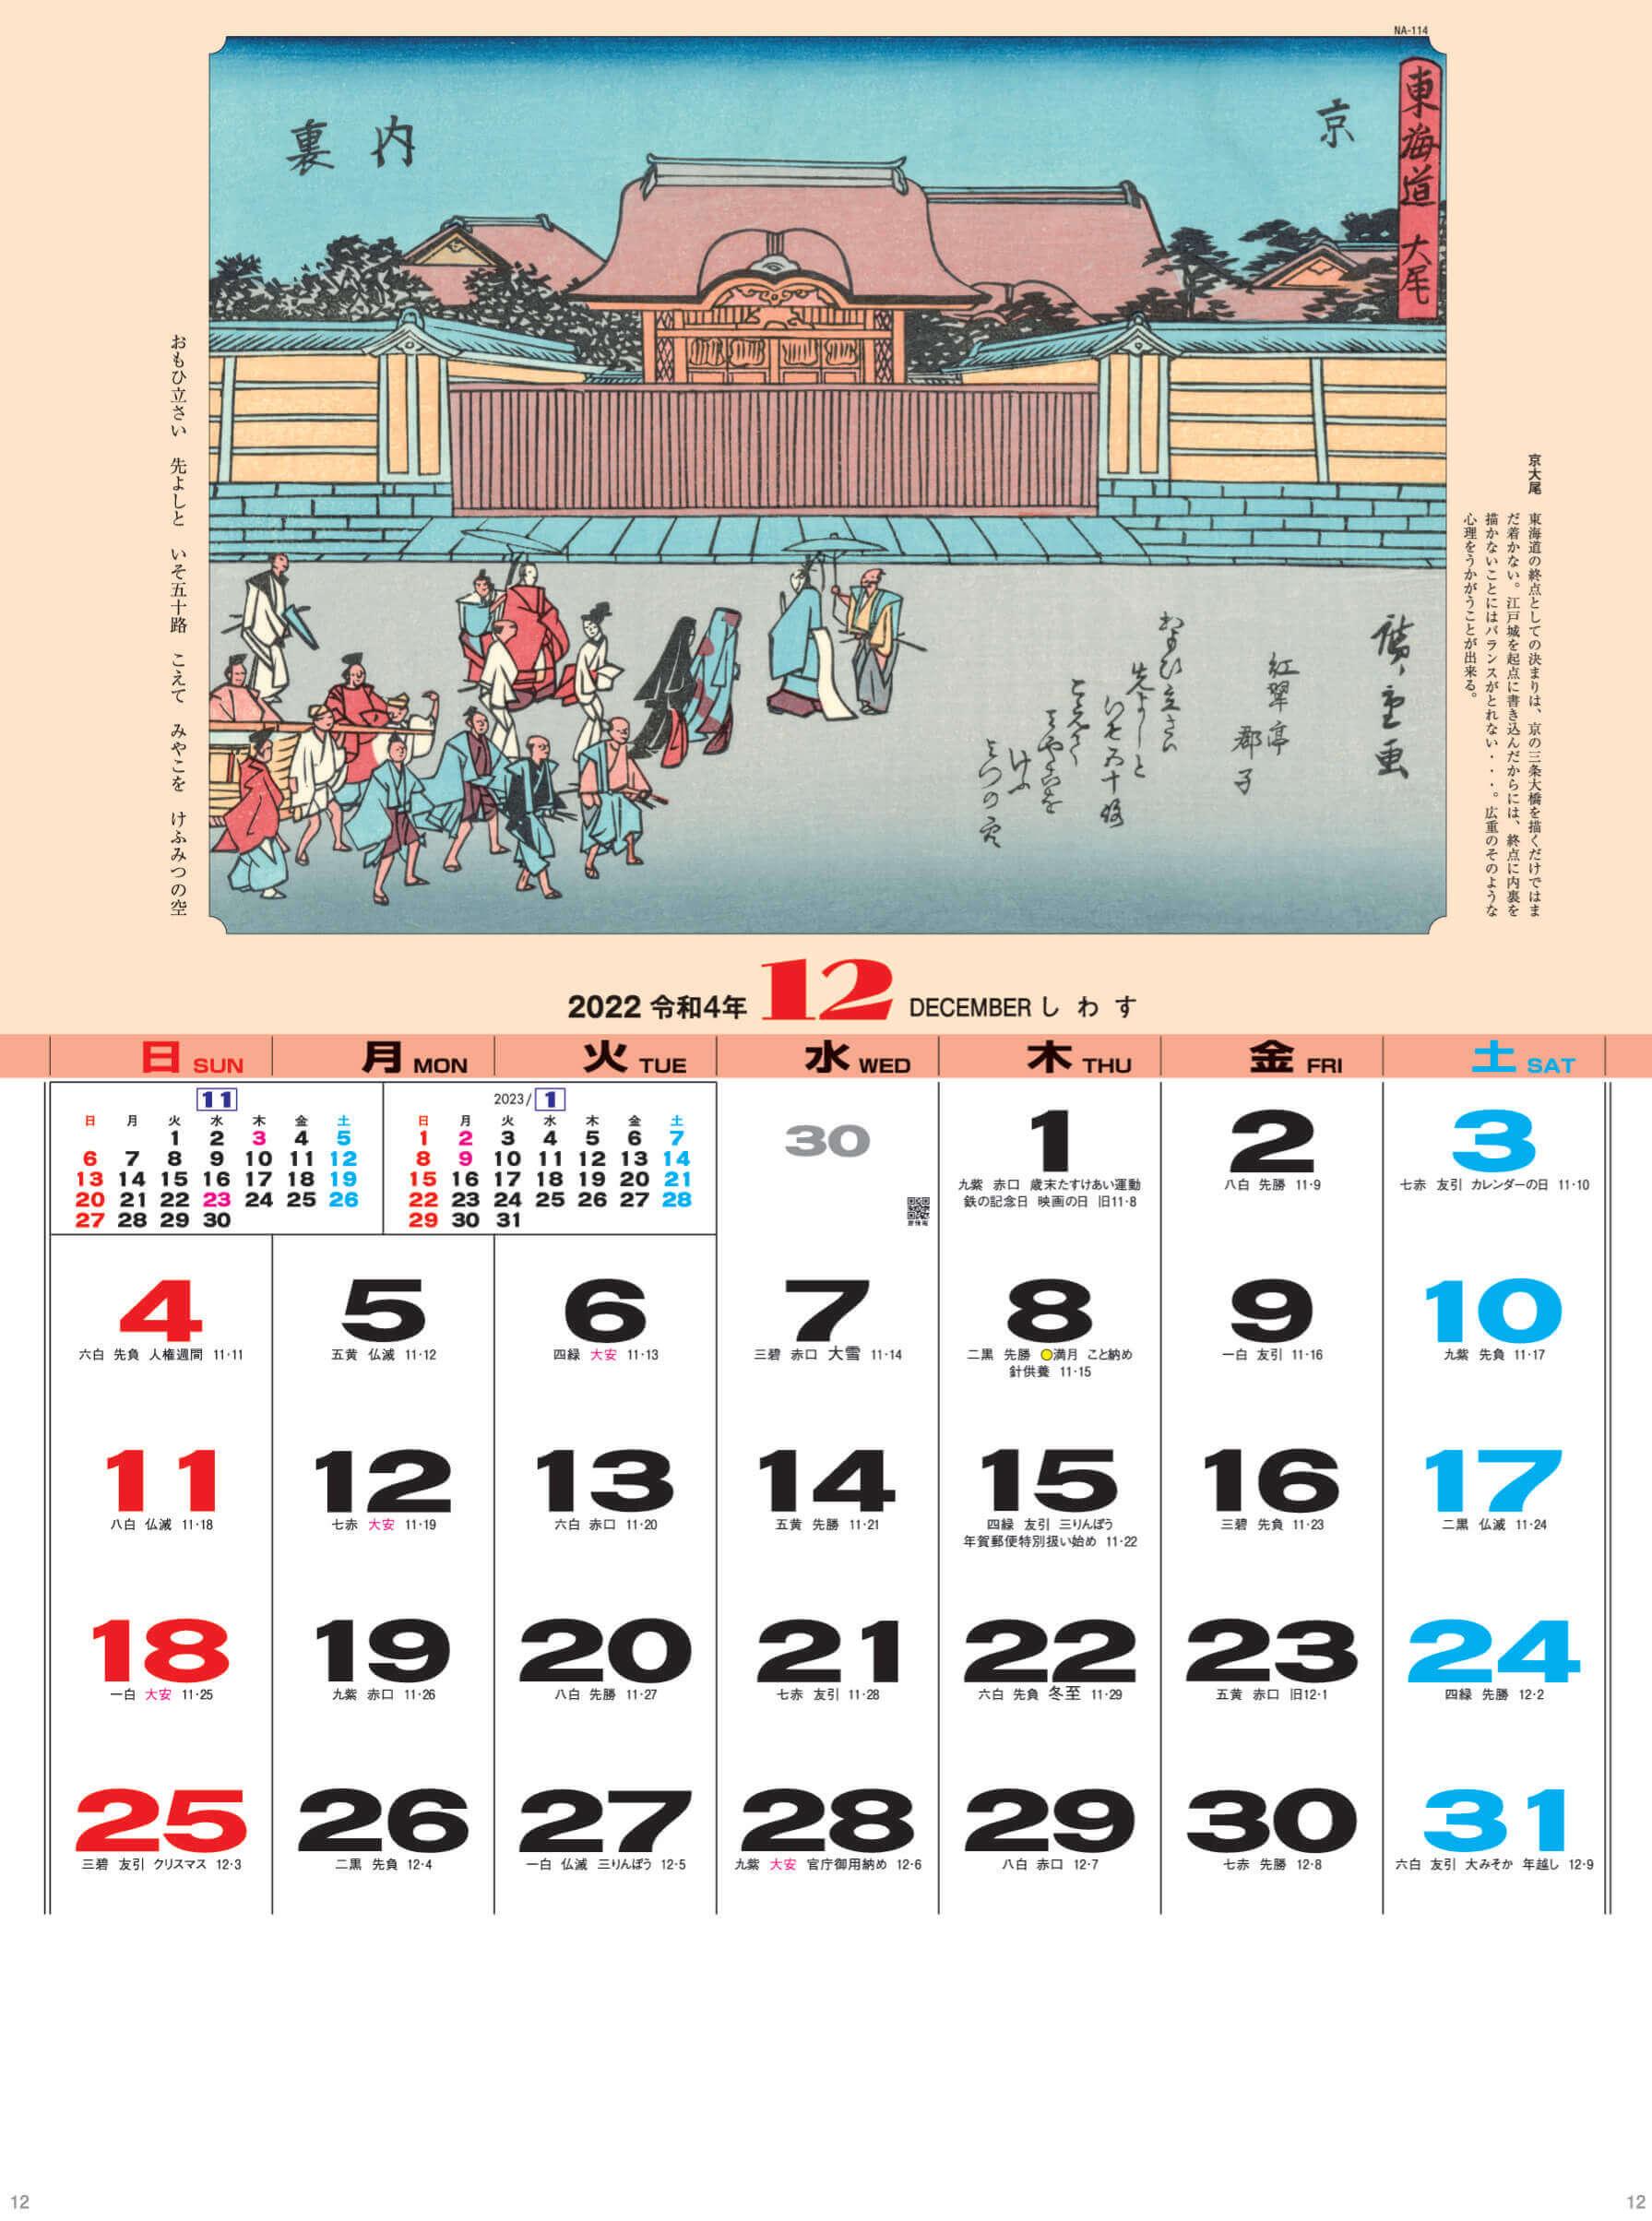 京大尾 広重 東海道五十三次 2022年カレンダーの画像